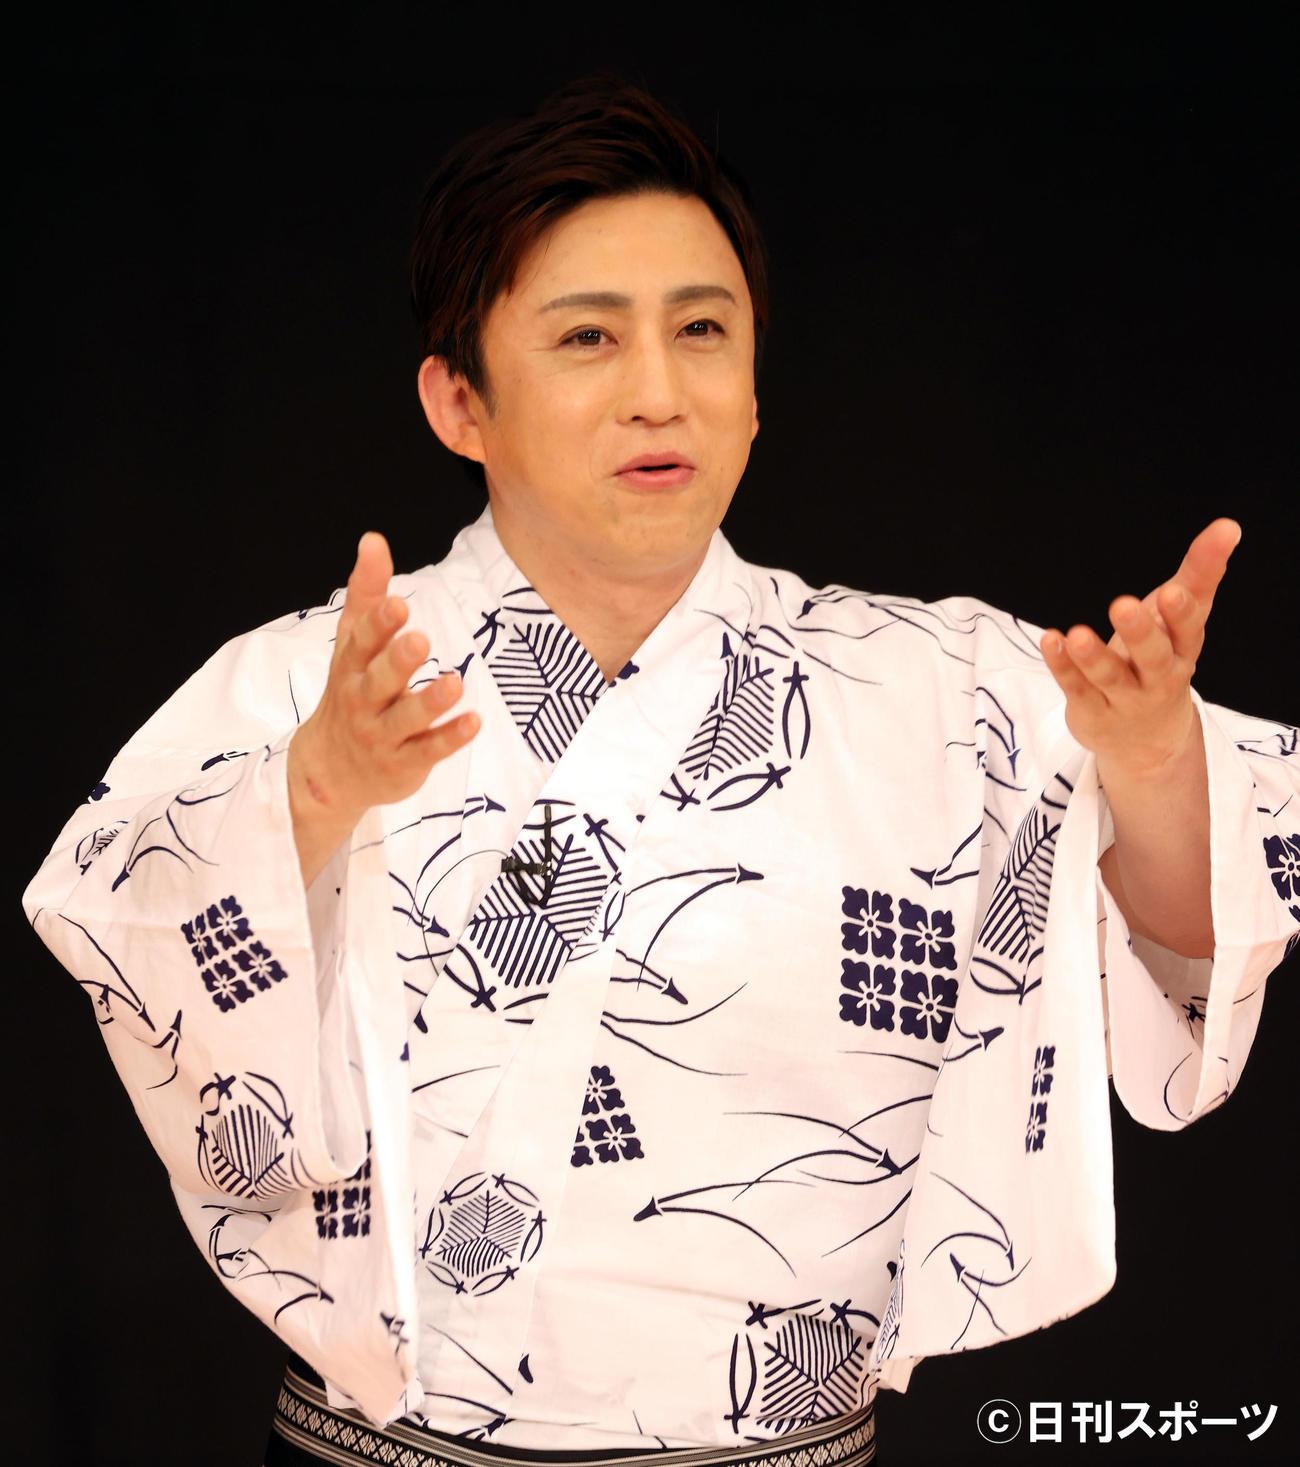 「八月花形歌舞伎」制作発表会見で身ぶり手ぶりをまじえて歌舞伎について話す松本幸四郎